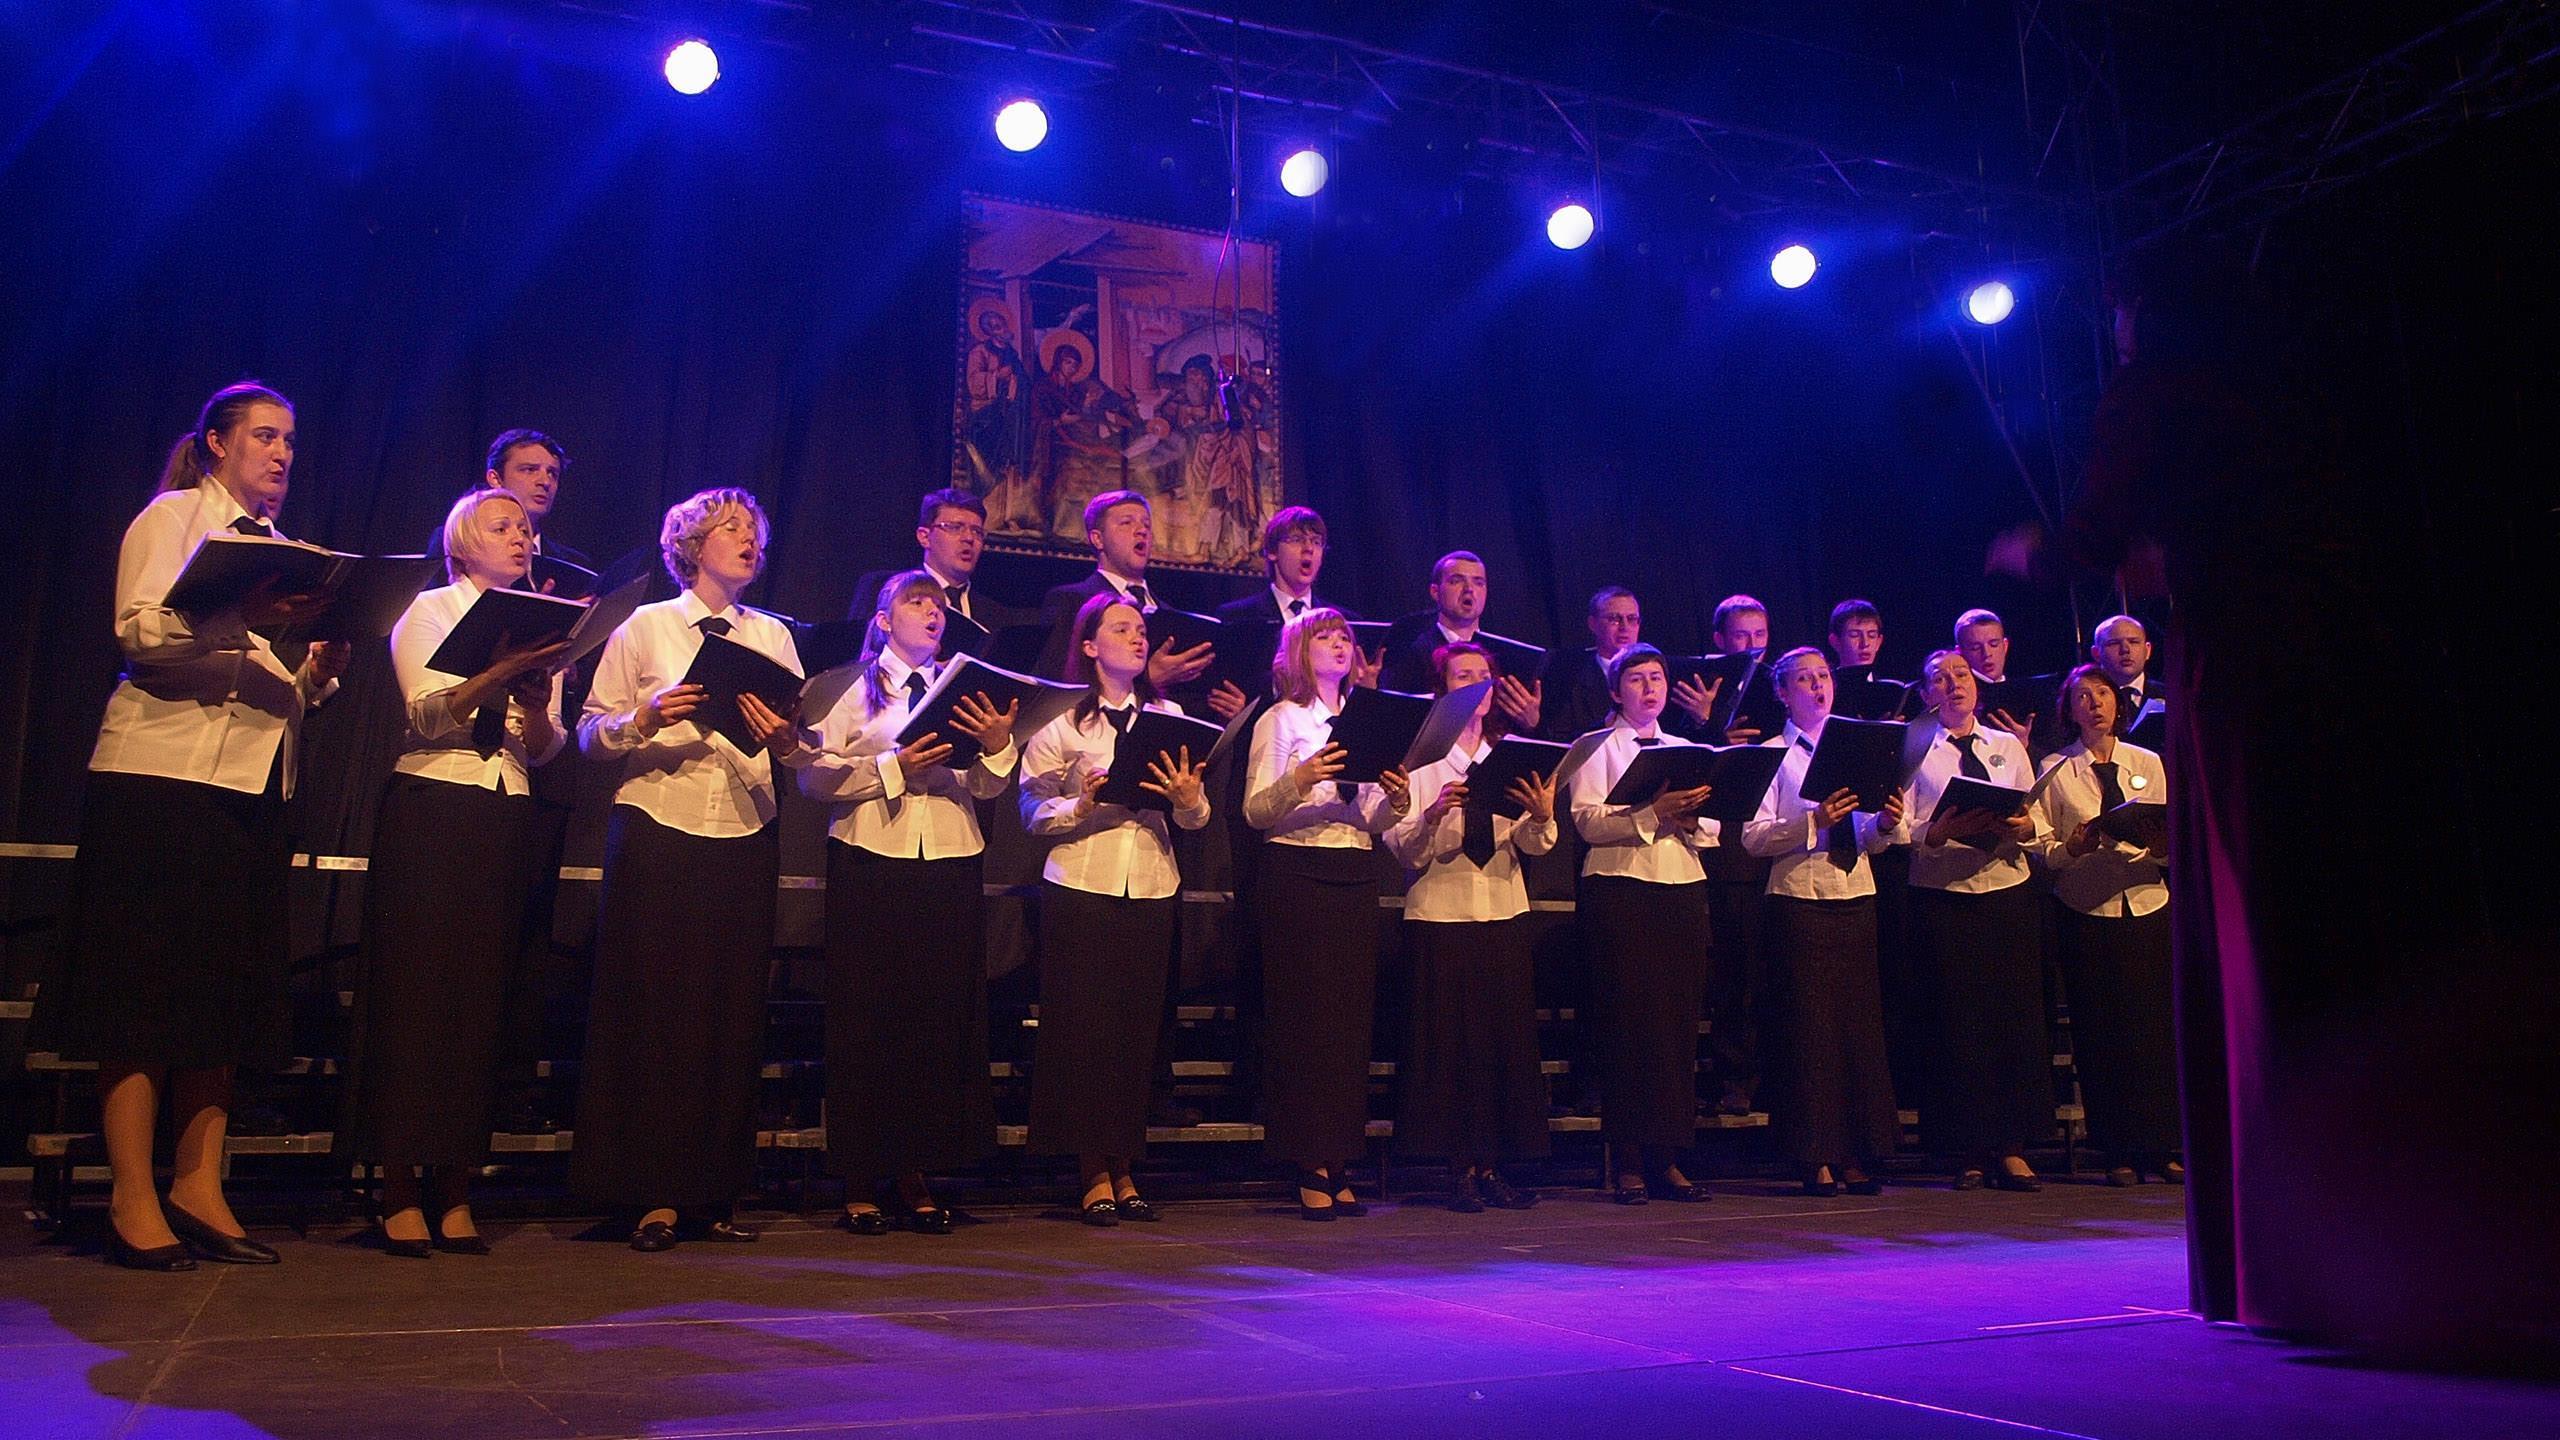 Chór Soboru Zmartwychwstania Pańskiego z Brześcia (Białoruś)